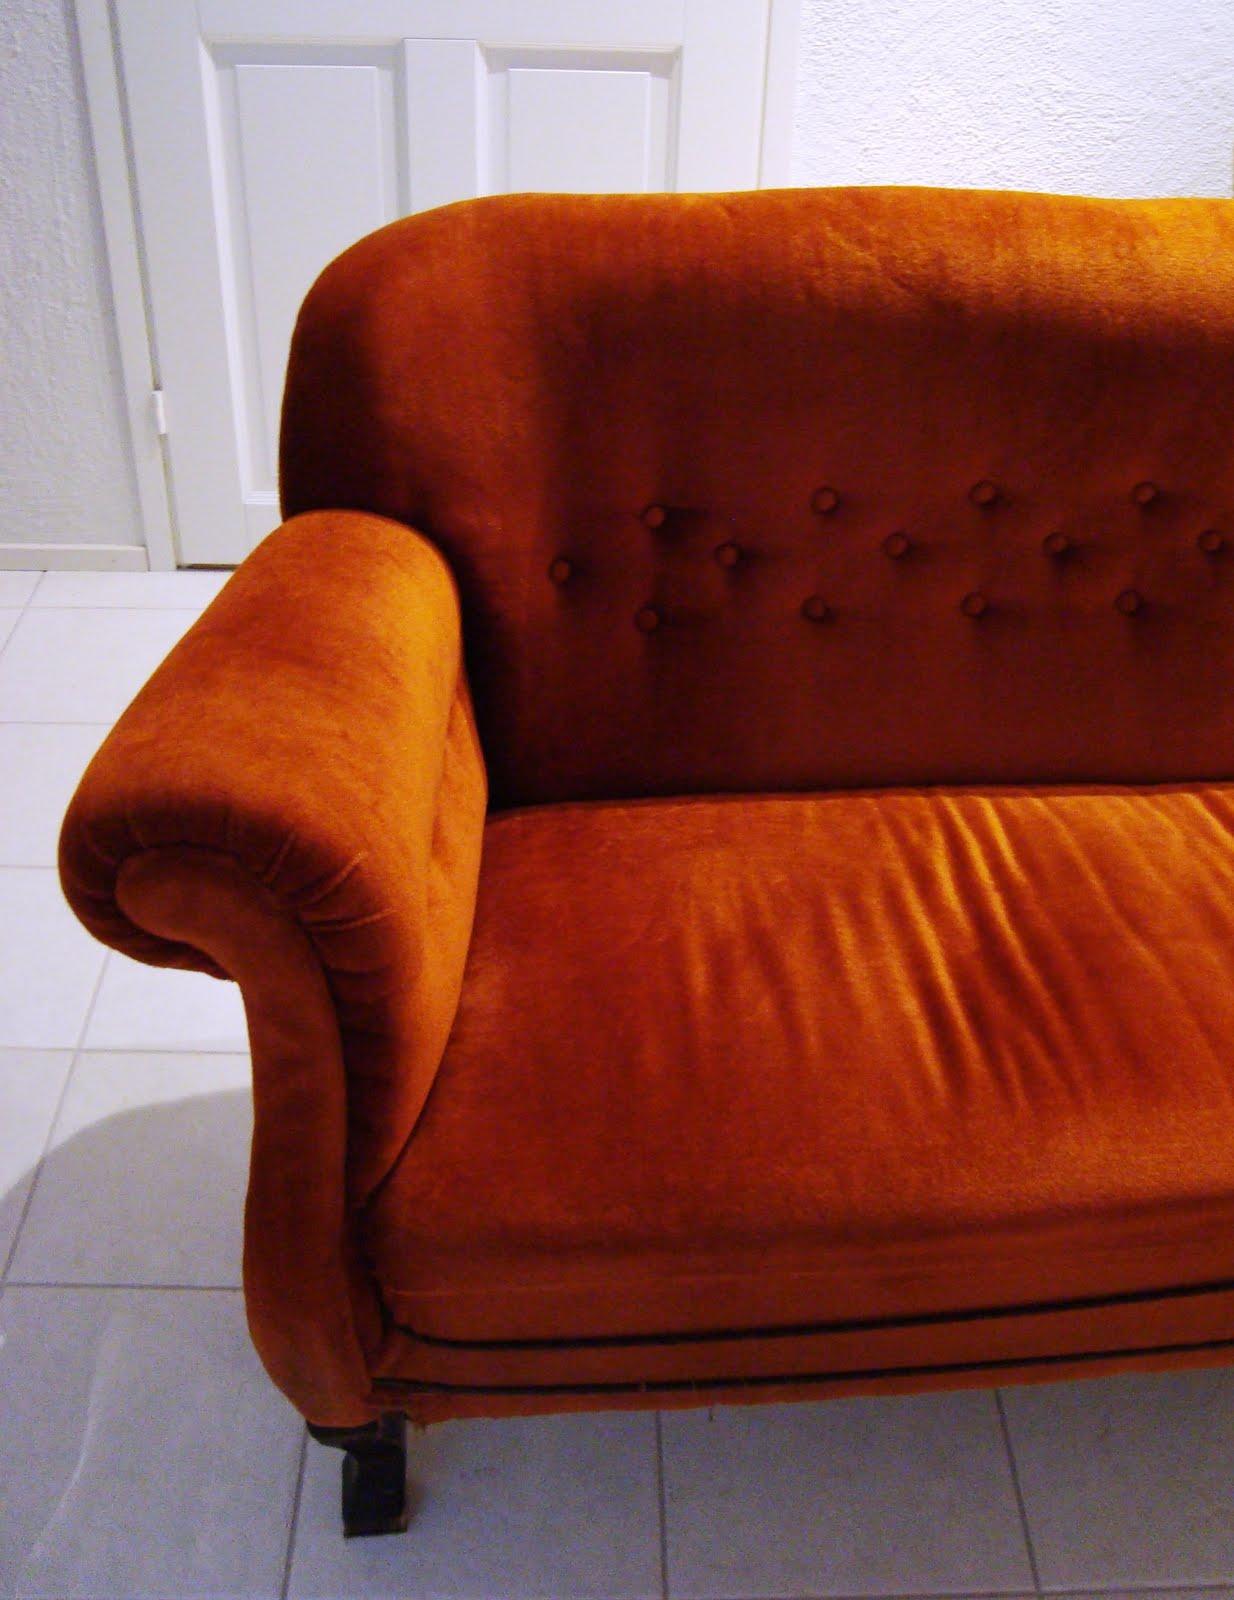 Olohuoneen Sohva : Tässä se nyt sitten on, siis sohva, jonka ostin. Verhoilua ja ...